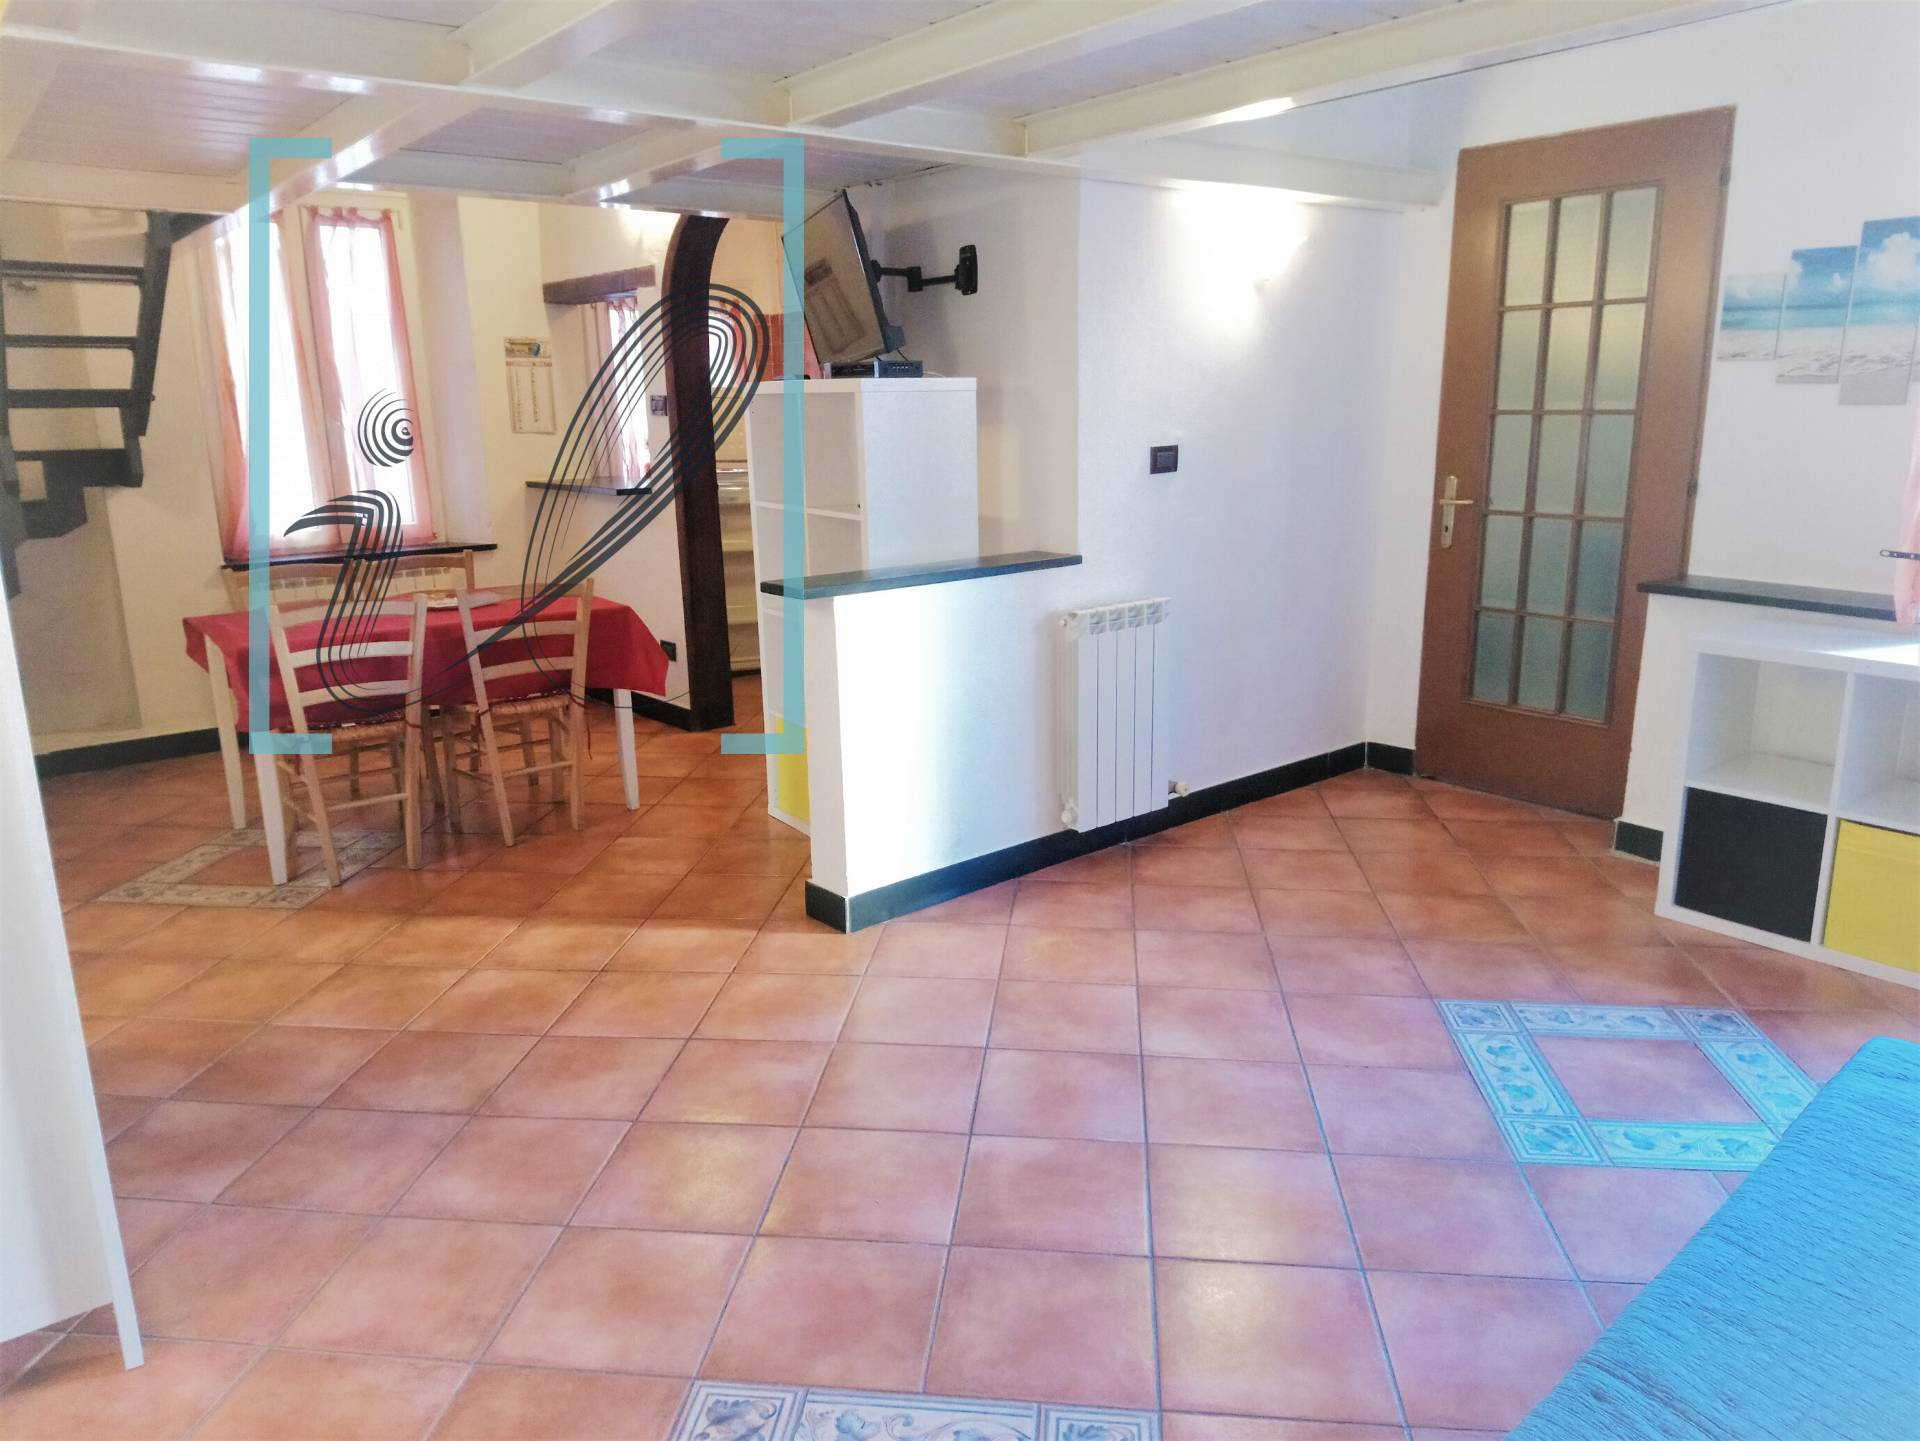 Appartamento in vendita a Albenga, 2 locali, zona Località: CentroStorico, prezzo € 99.000 | PortaleAgenzieImmobiliari.it